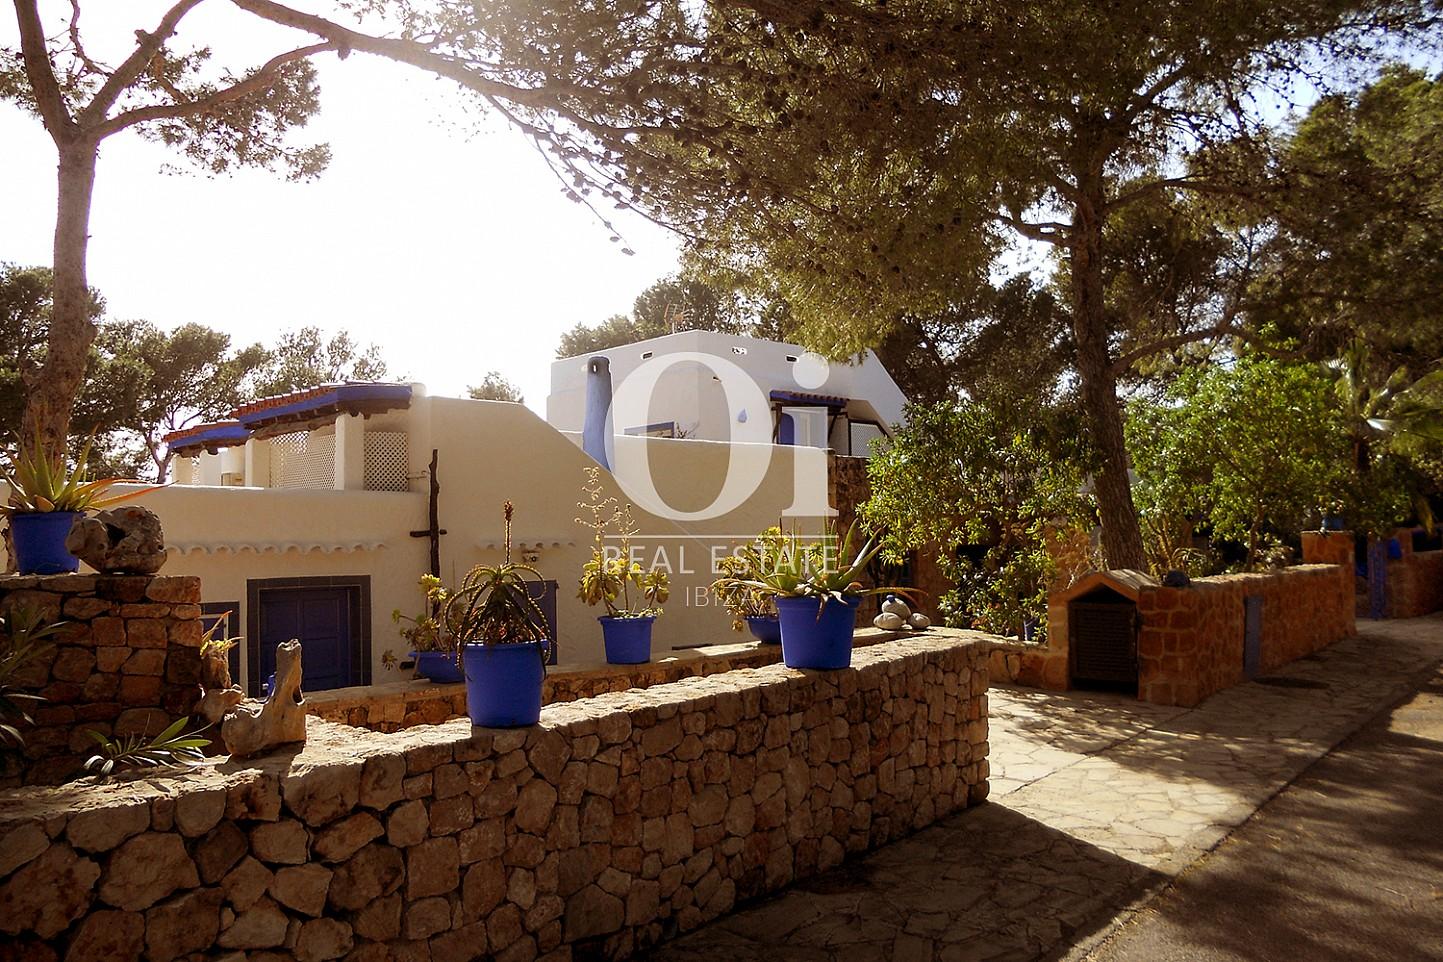 Entrée de maison en vente à Punta Galera, Ibiza